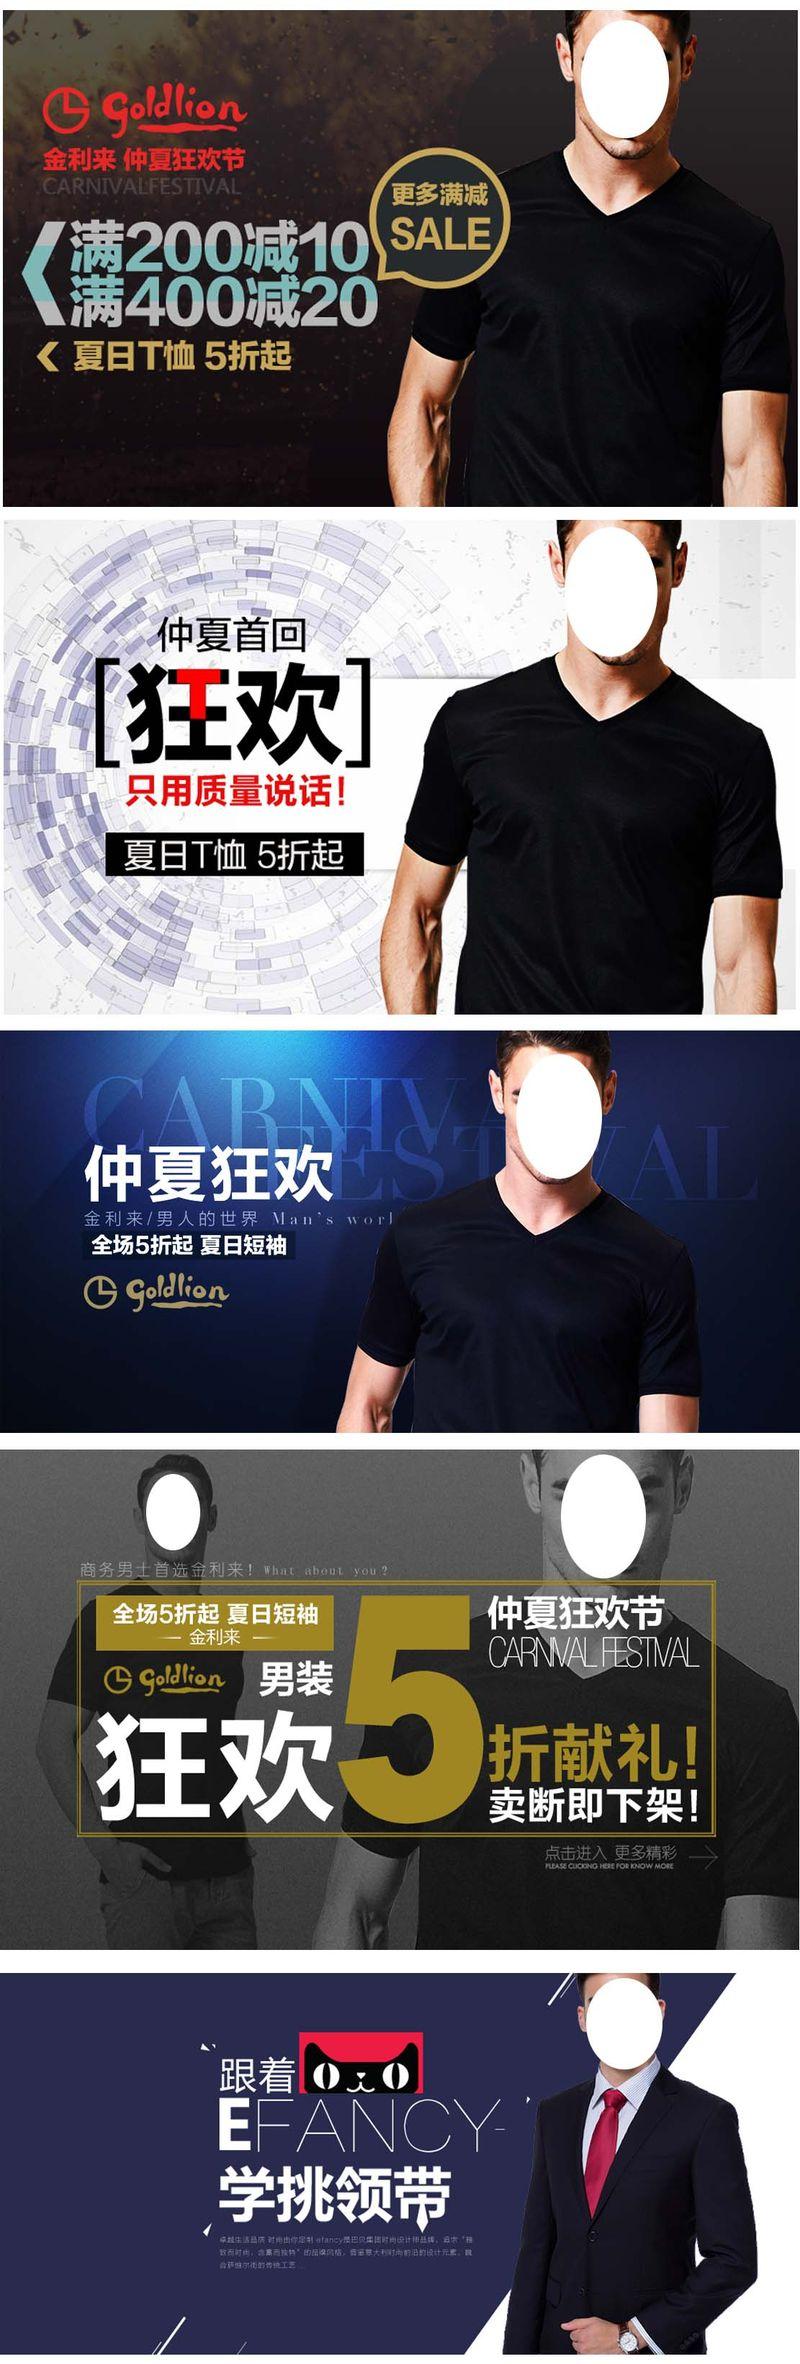 淘宝天猫男装促销广告海报图片